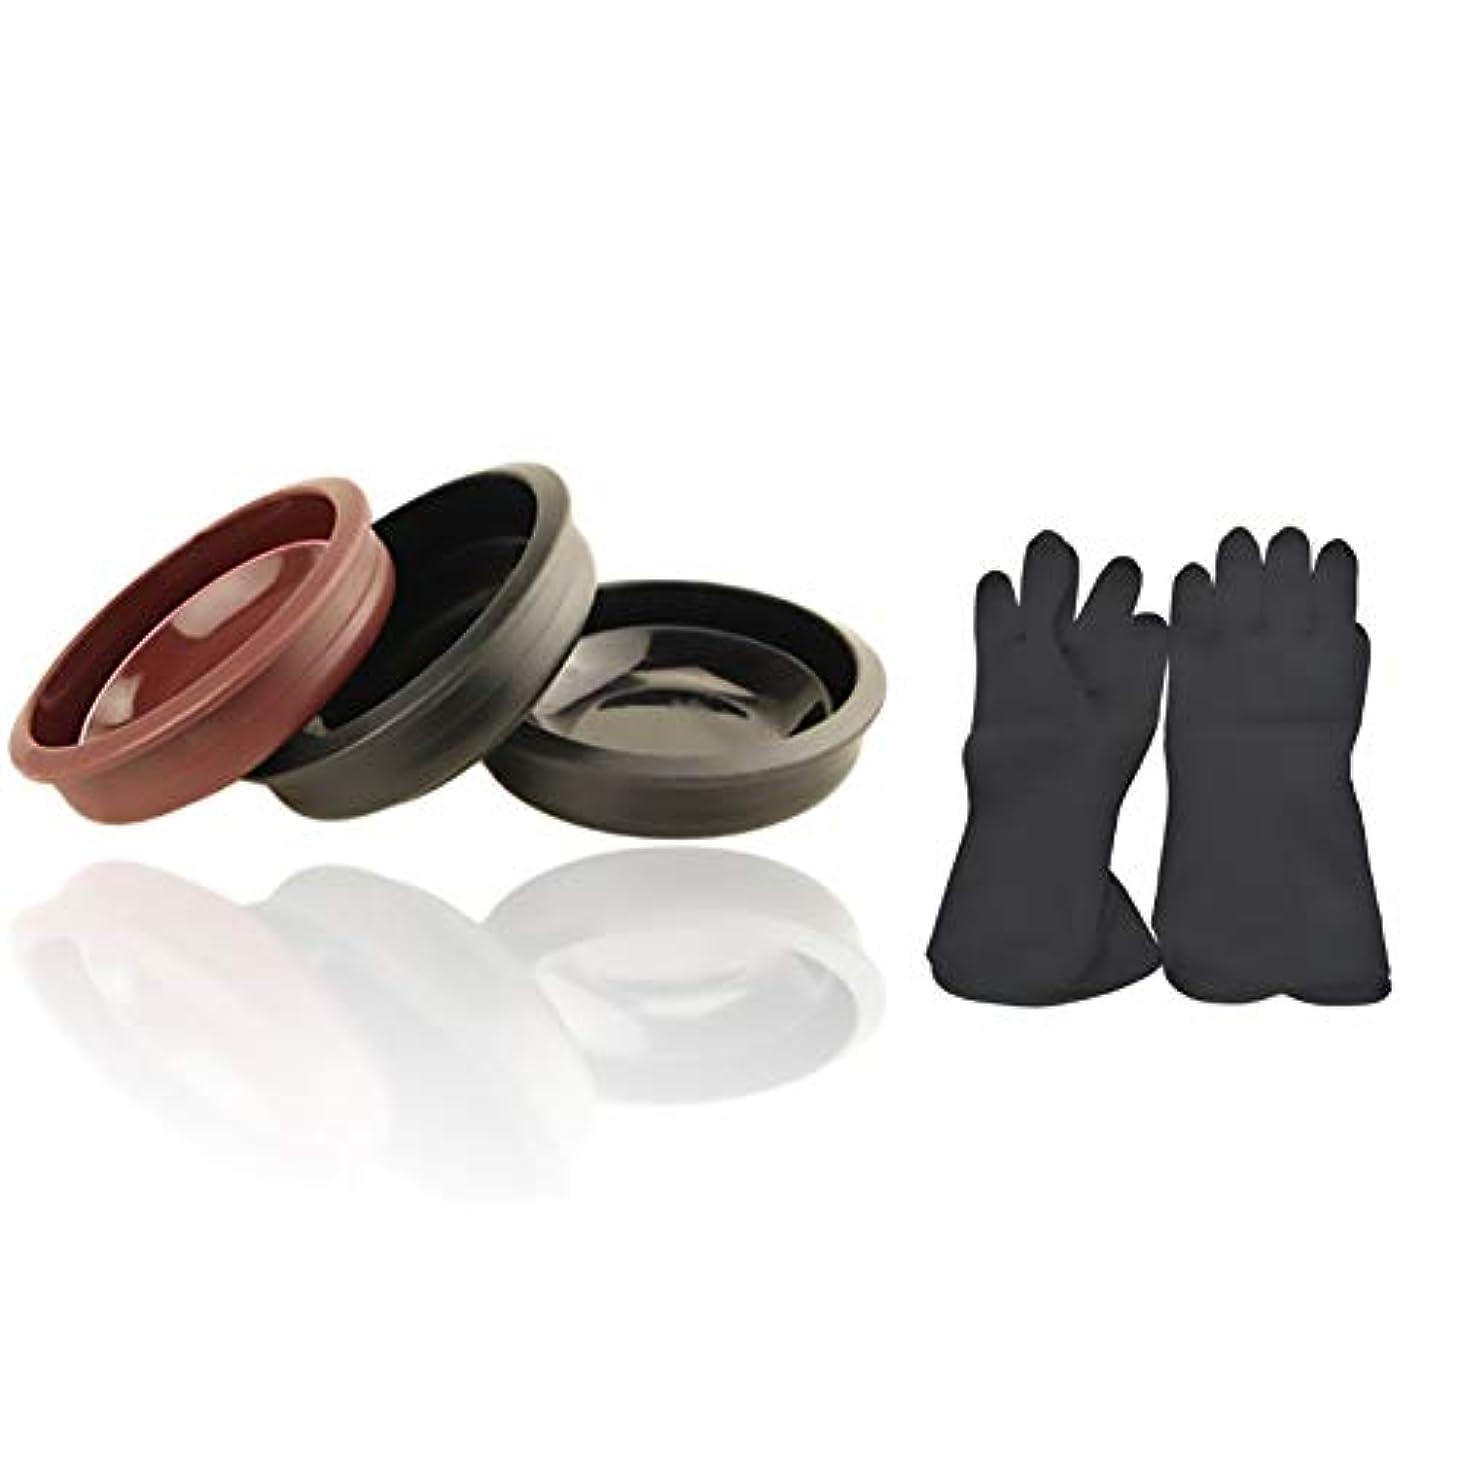 娘散歩に行く変えるTofover 3ピースヘアカラーミキシングボウルと20カウントヘアダイ手袋、黒の再利用可能なゴム手袋、ヘアサロンヘア染色のためのプロのヘアカラーツールキット